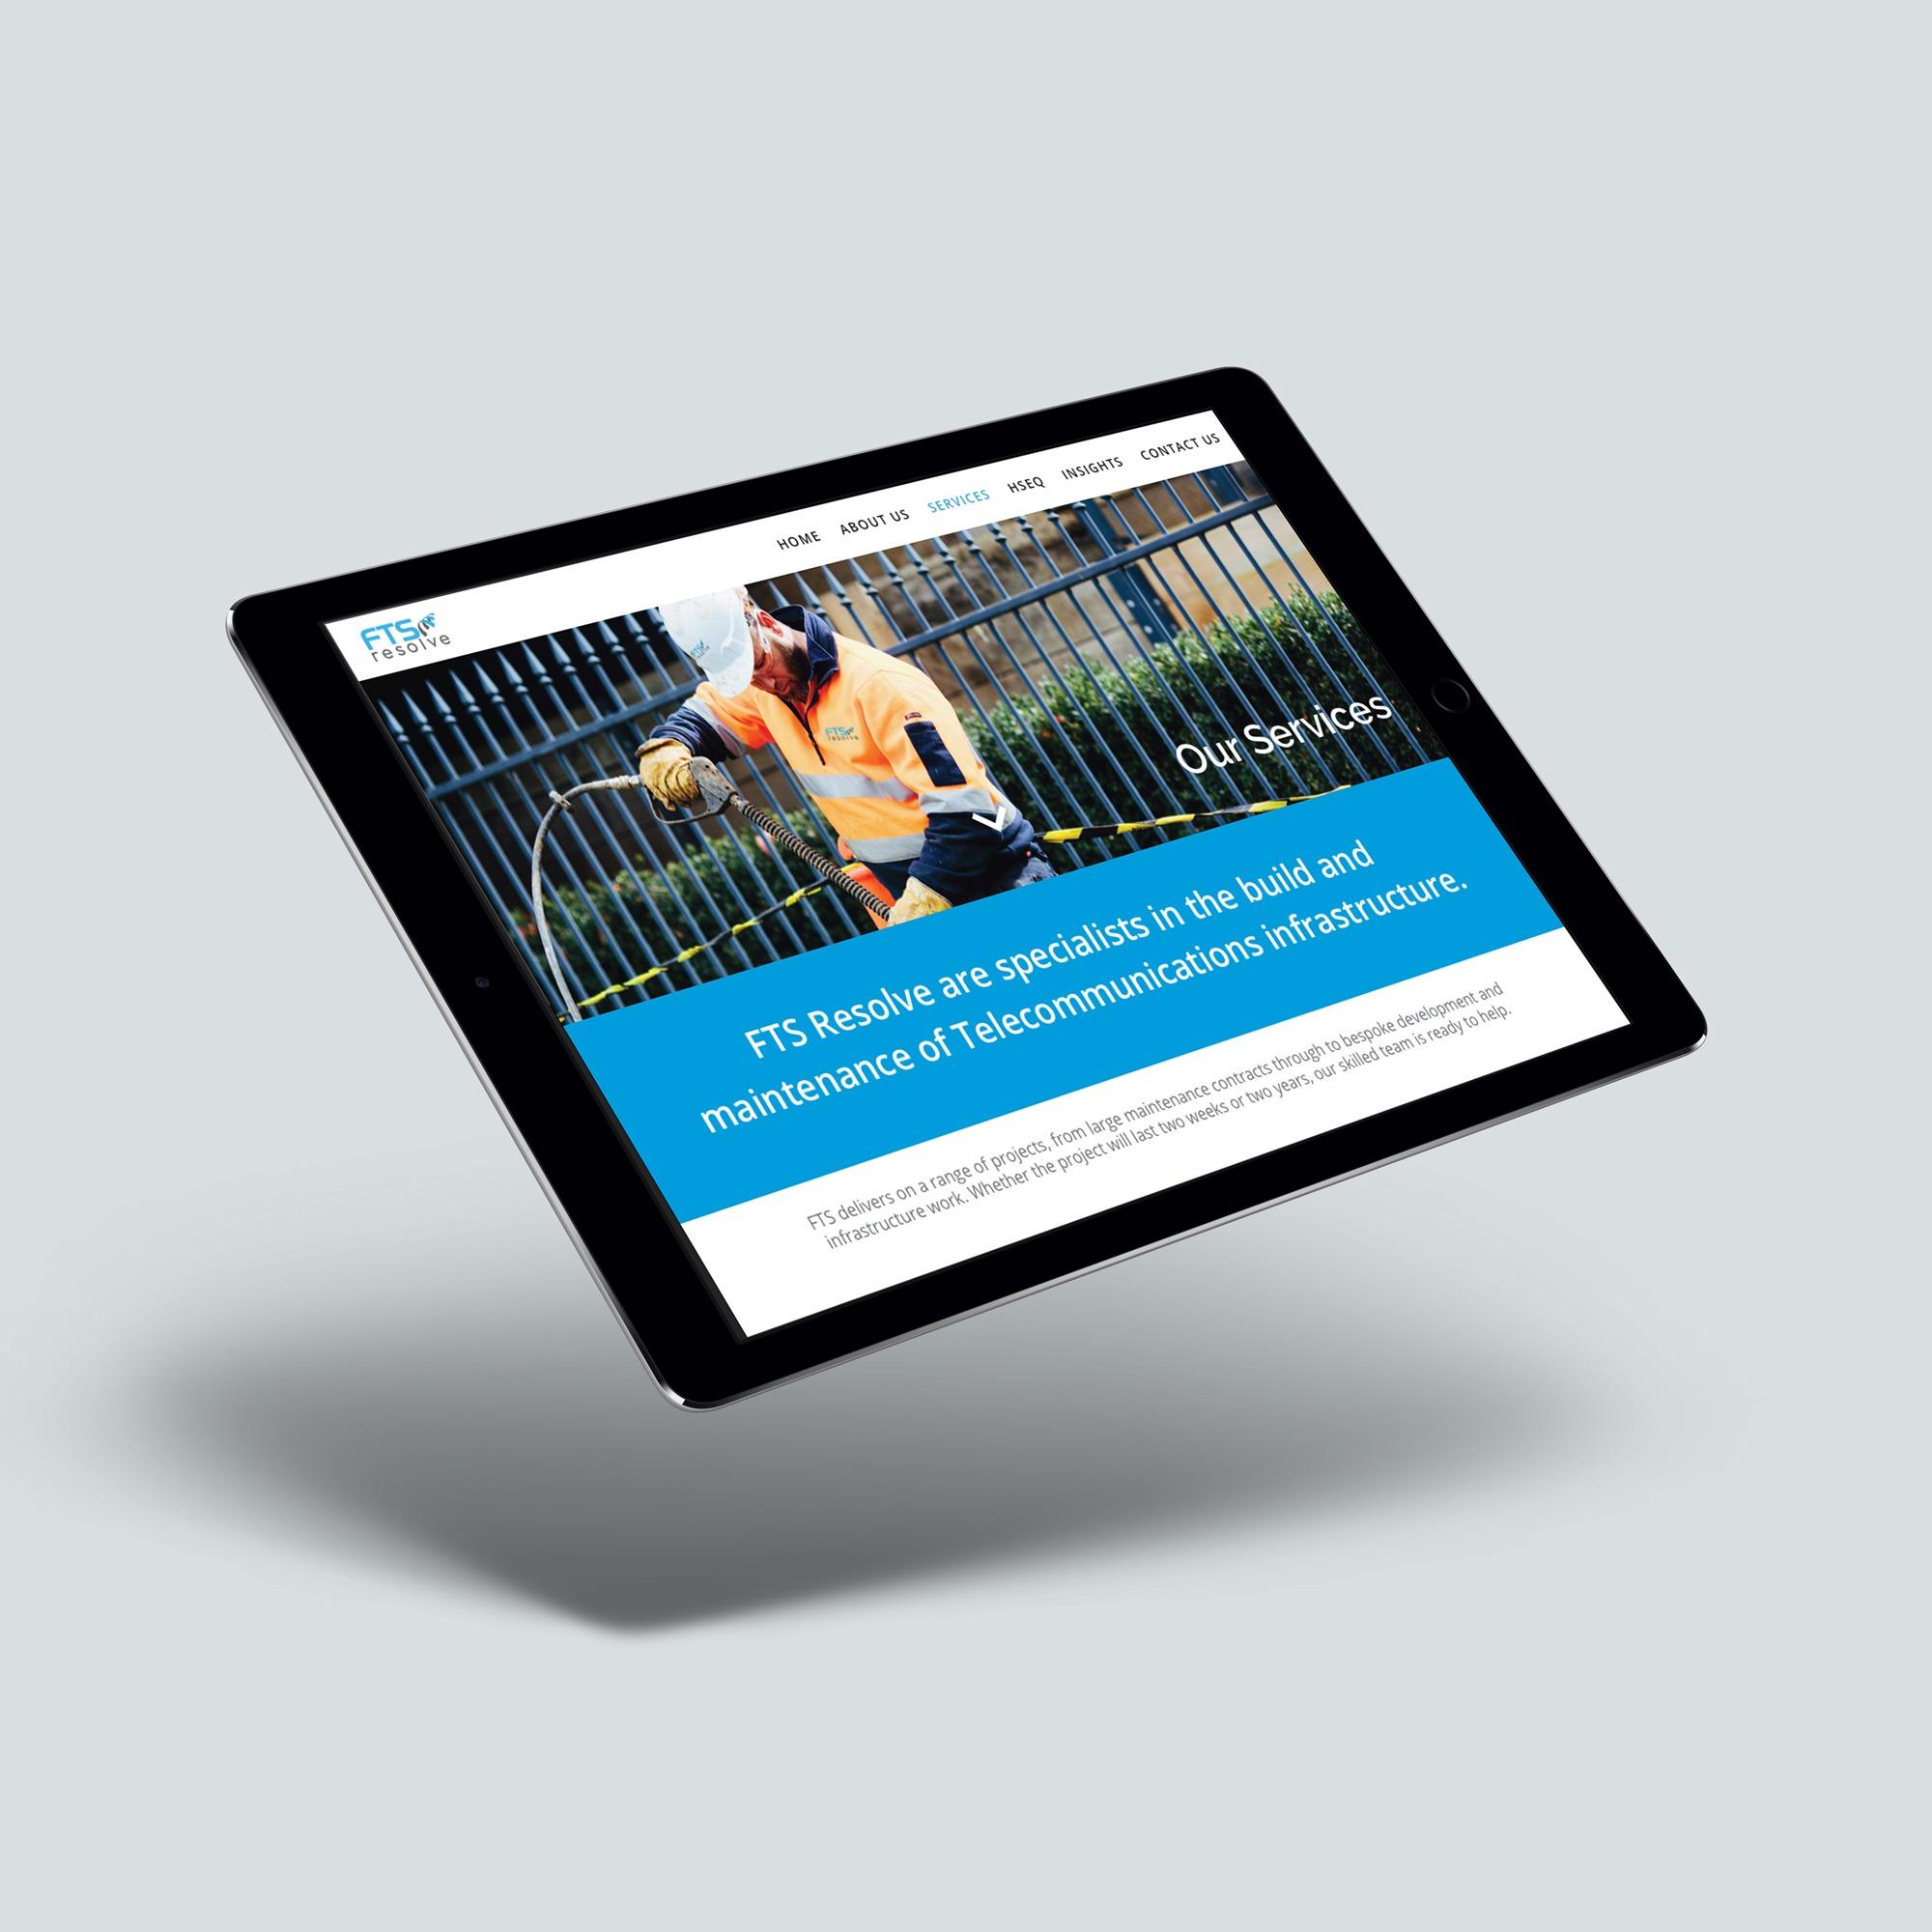 FTS-iPad-Landscape